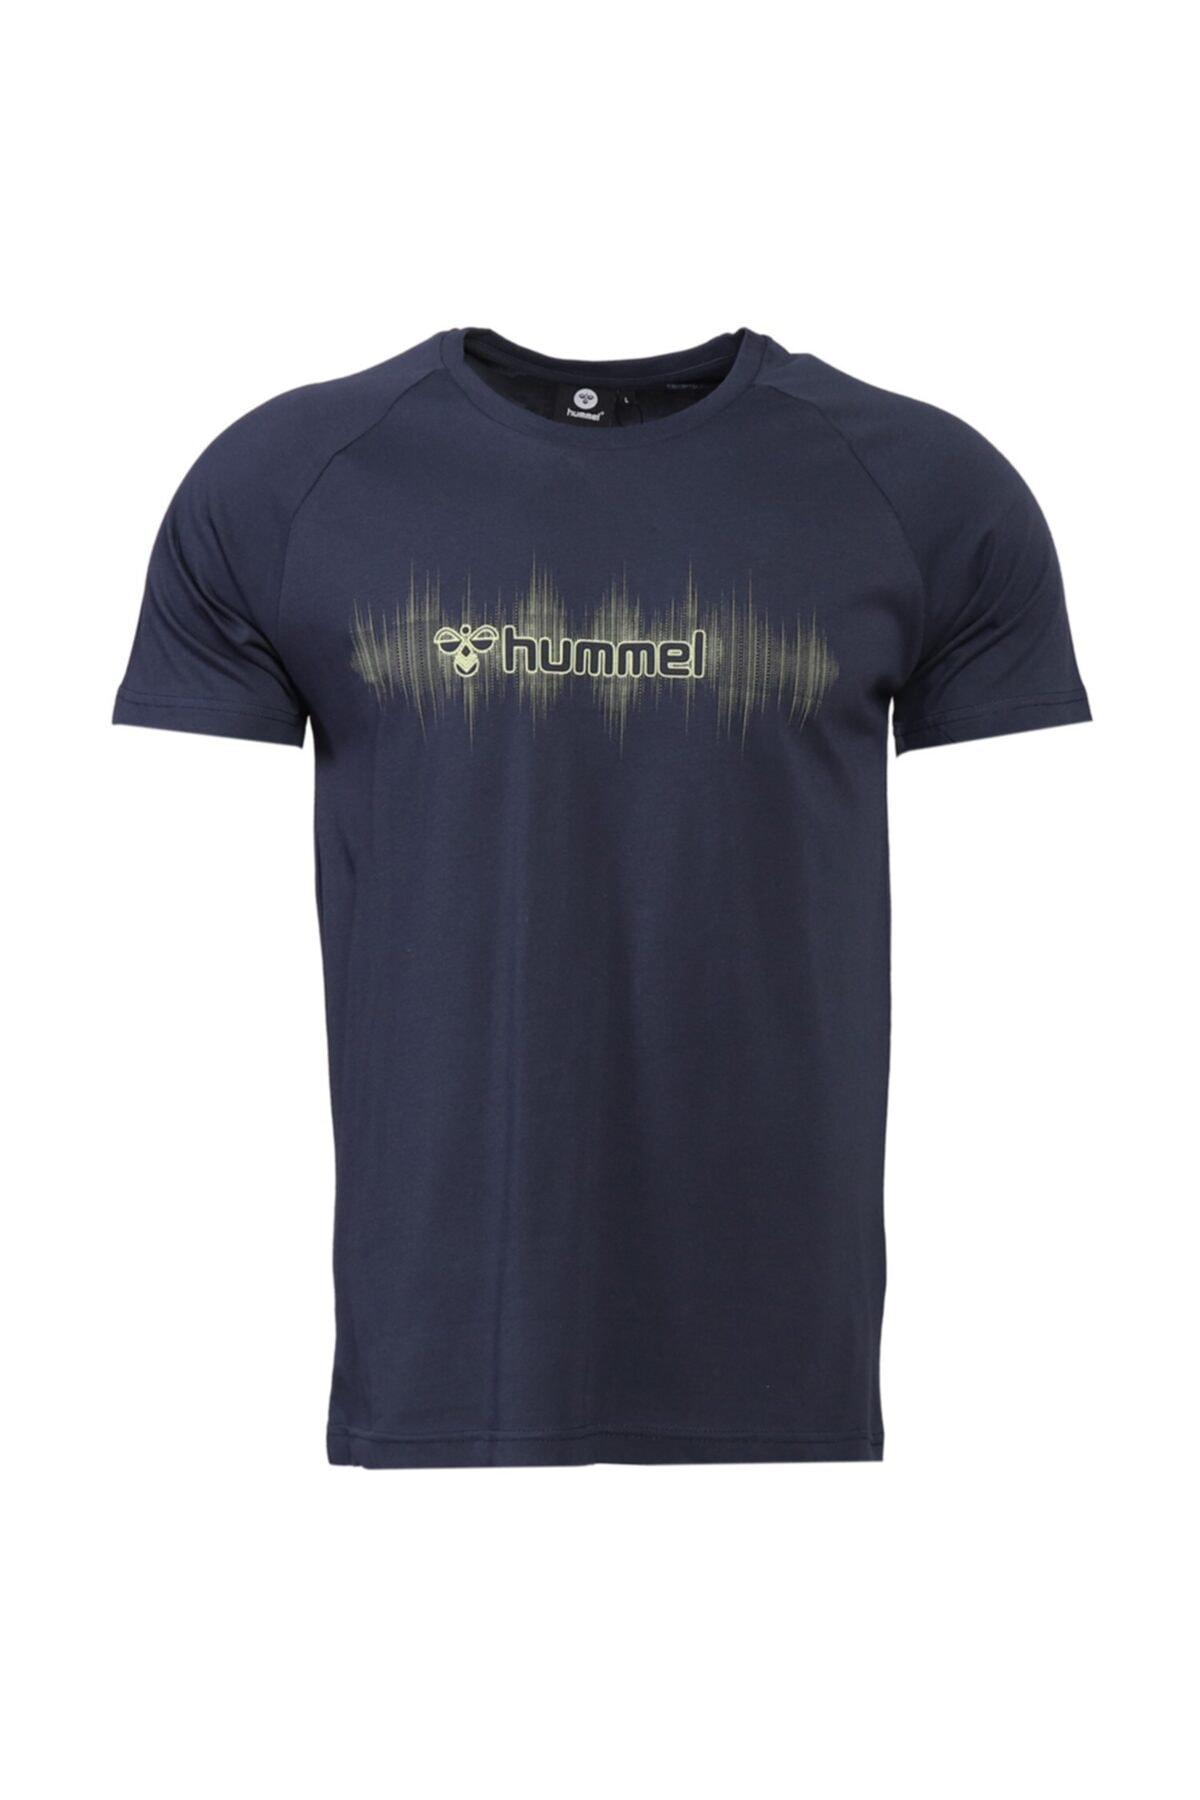 HUMMEL HMLPITA T-SHIRT S/S TEE Lacivert Erkek T-Shirt 101086323 1